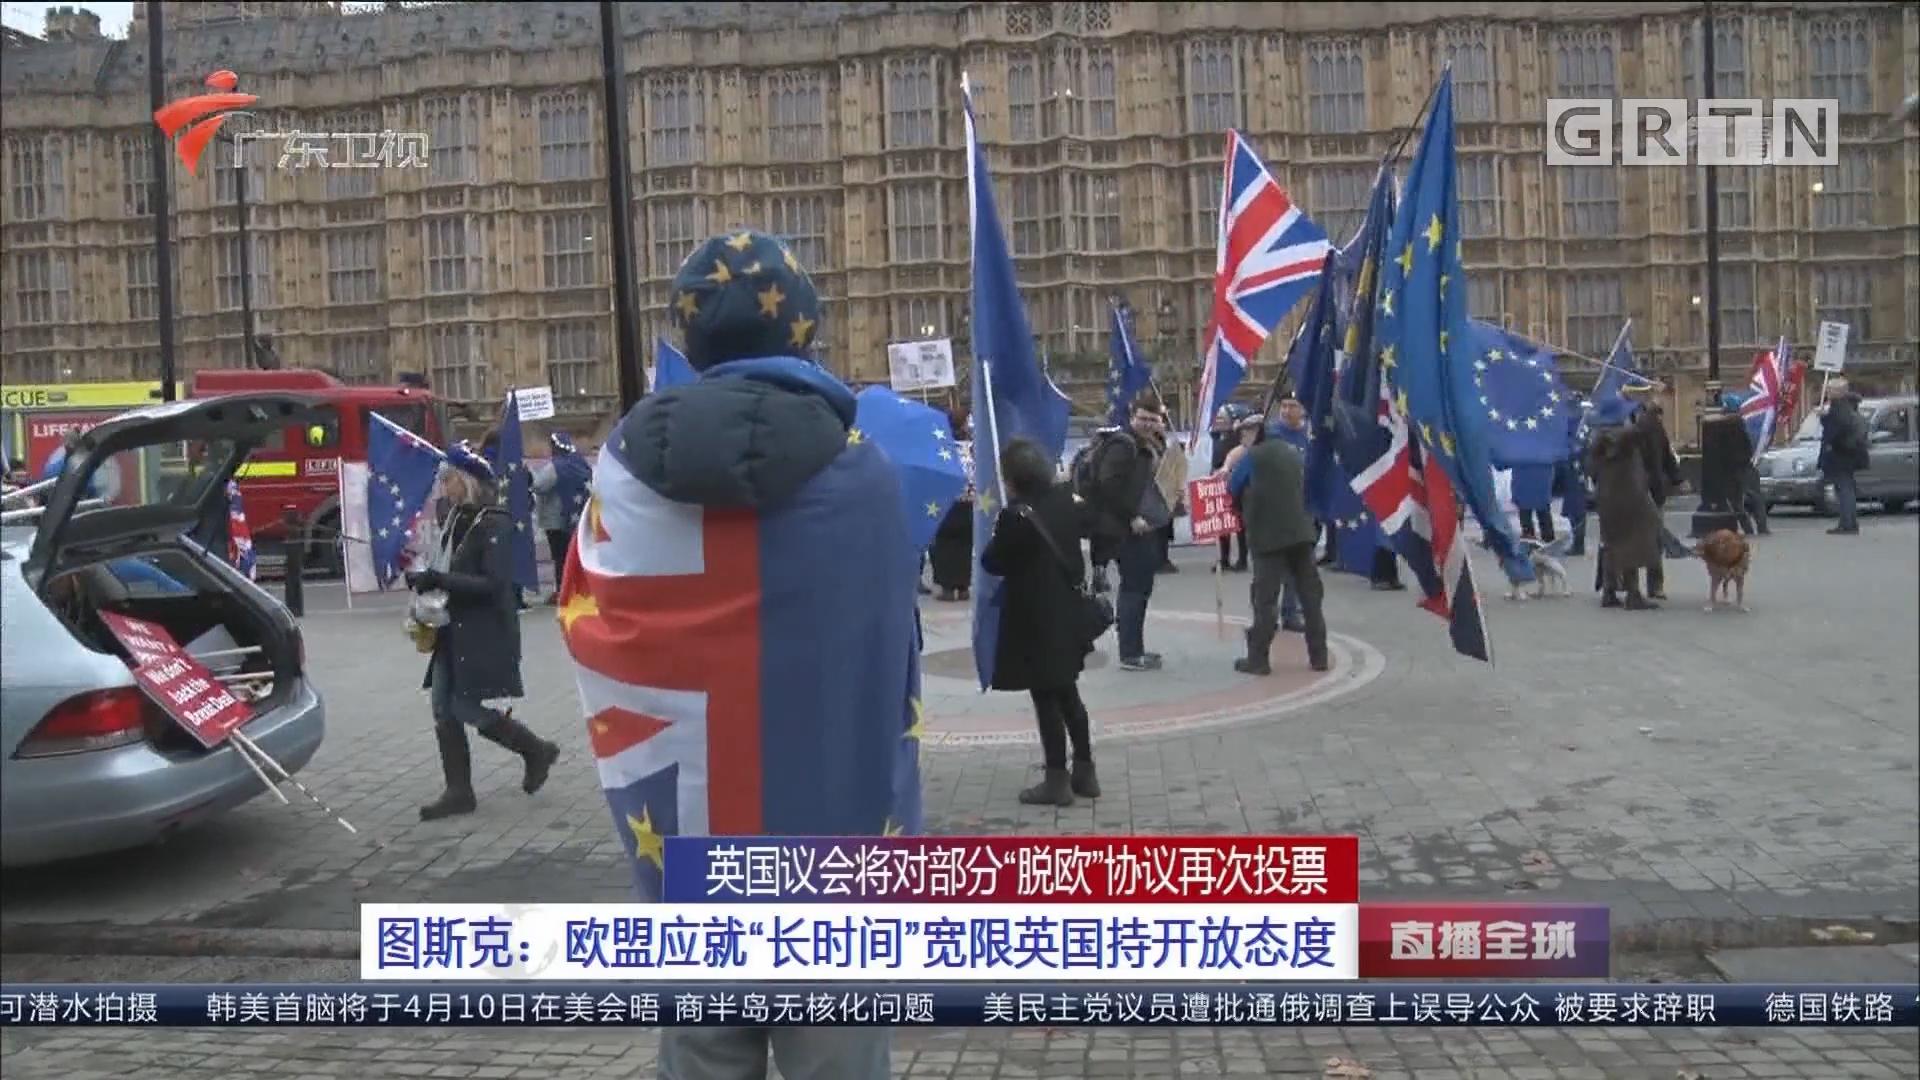 """英国议会将对部分""""脱欧""""协议再次投票 图斯克:欧盟应就""""长时间""""宽限英国持开放态度"""